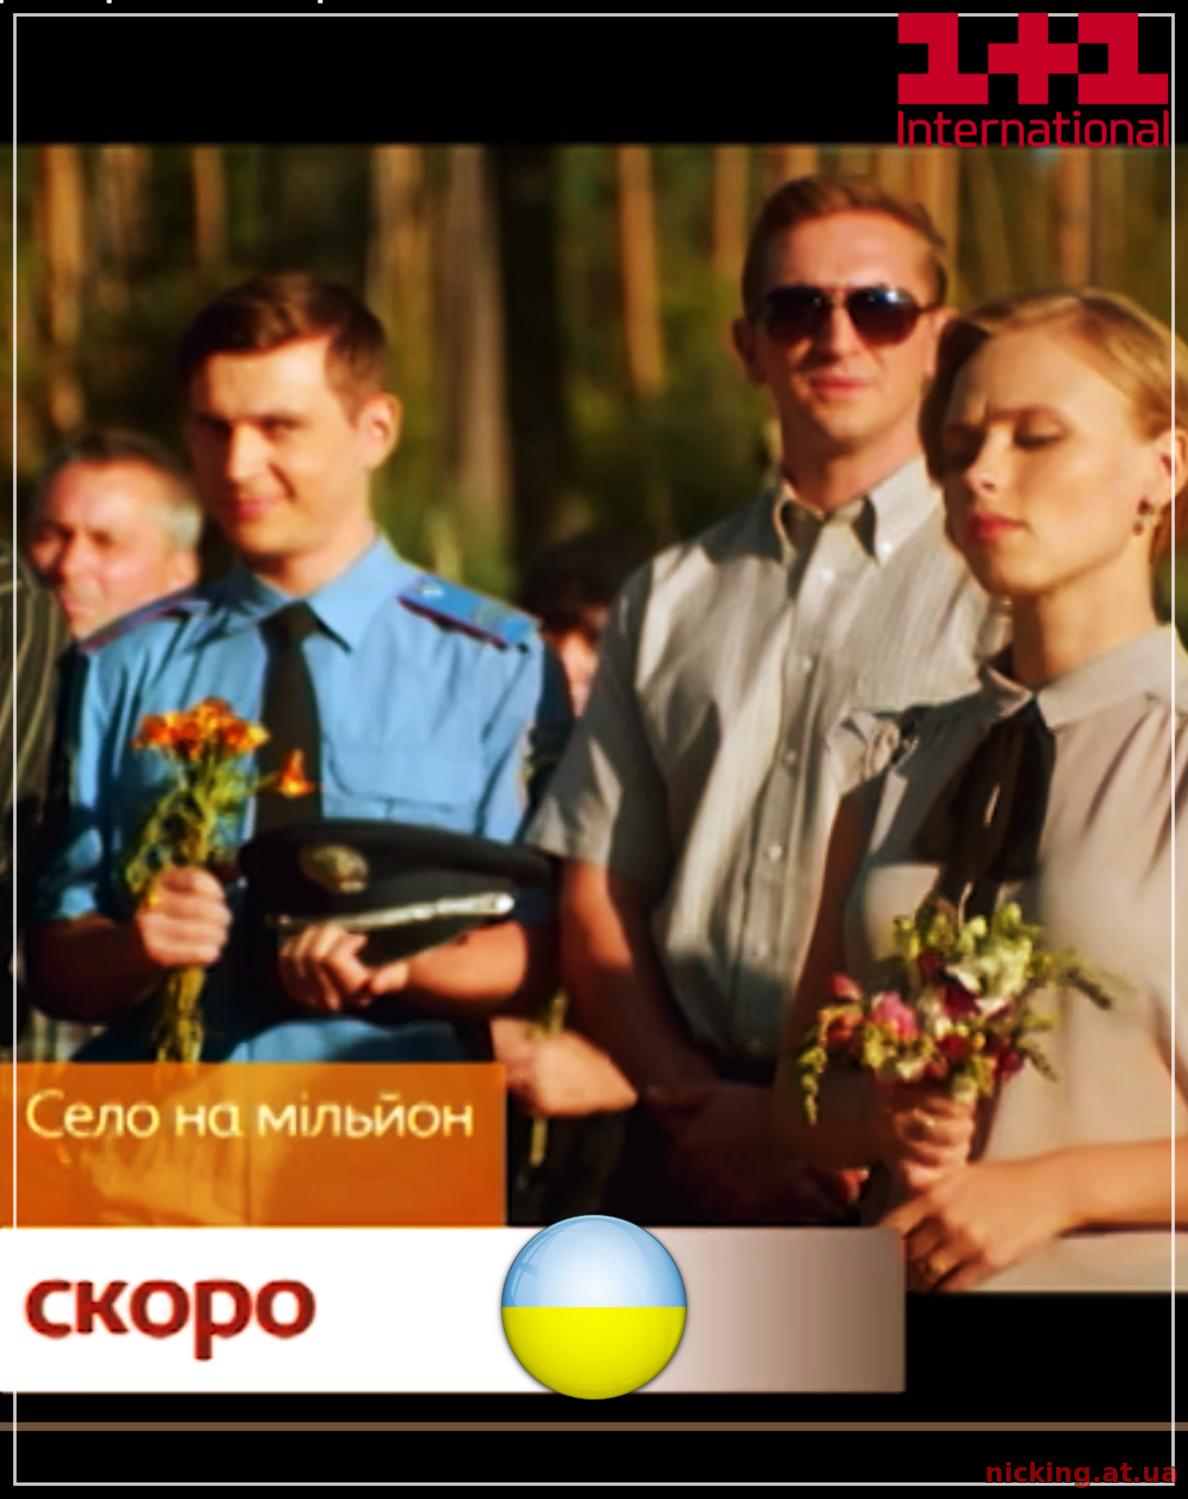 Кадры из фильма всі жінки відьми дивитись онлайн українською 6 сезон